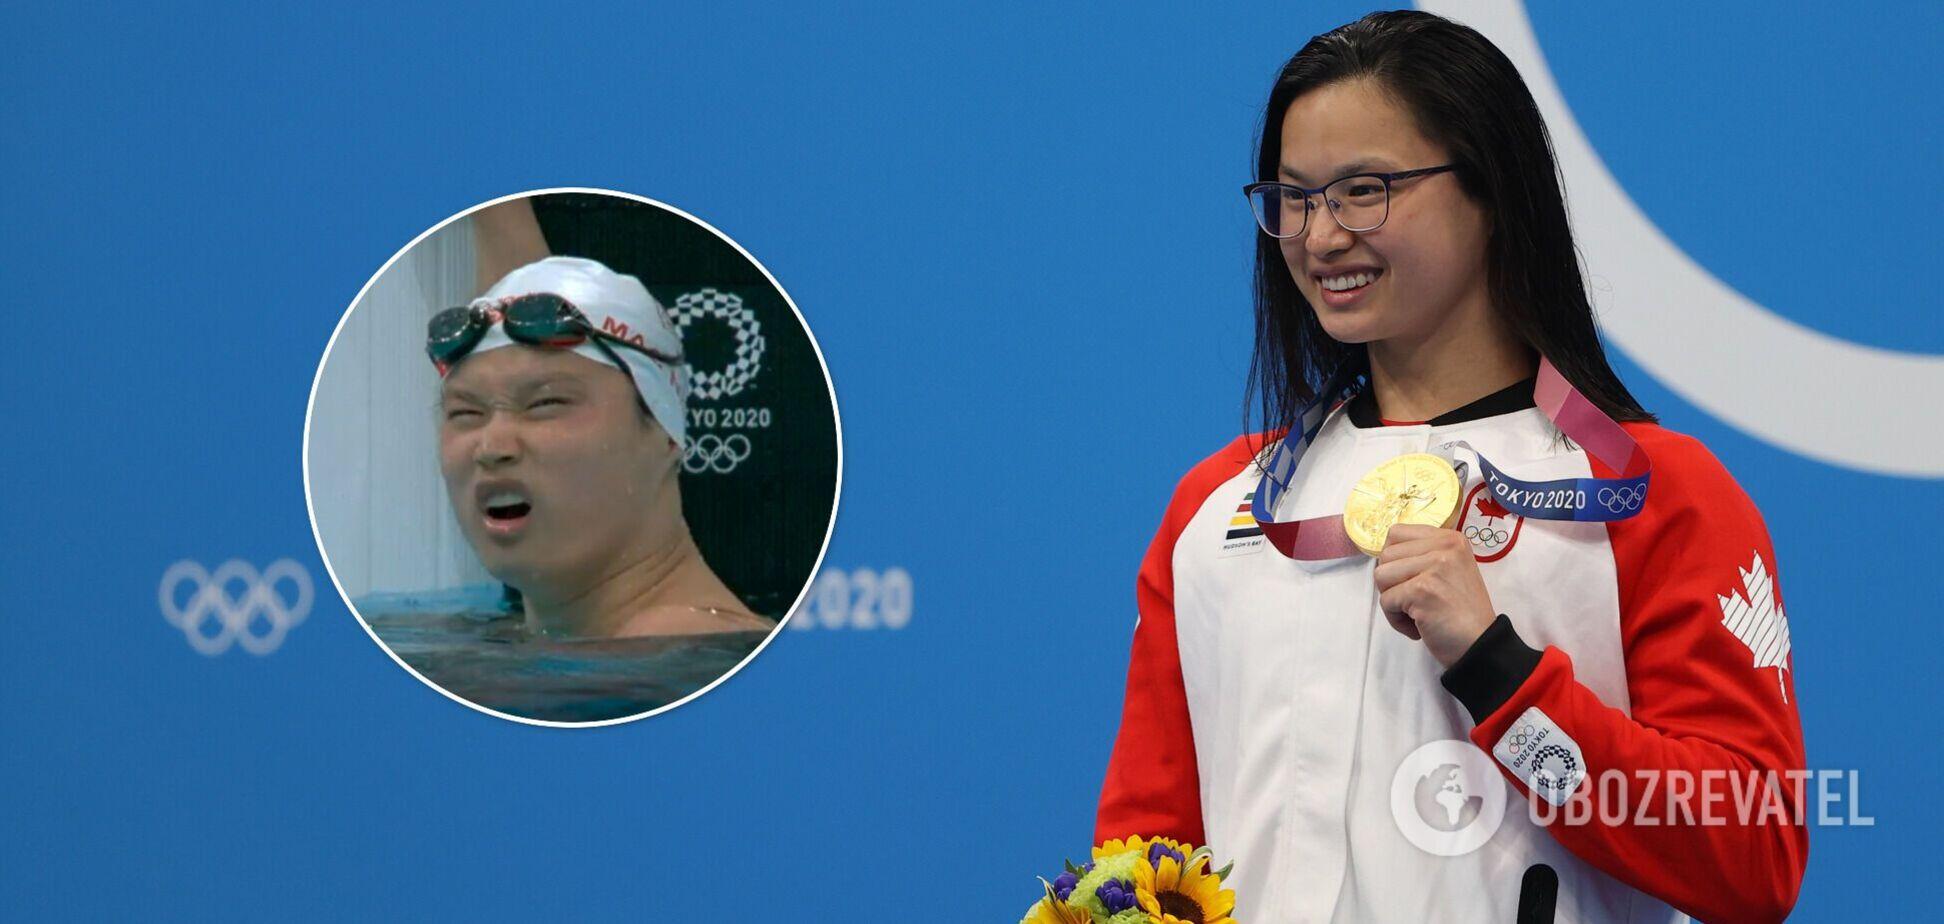 Канадська спортсменка не зрозуміла, що взяла 'золото' Олімпіади. Момент викликав сміх у коментаторів